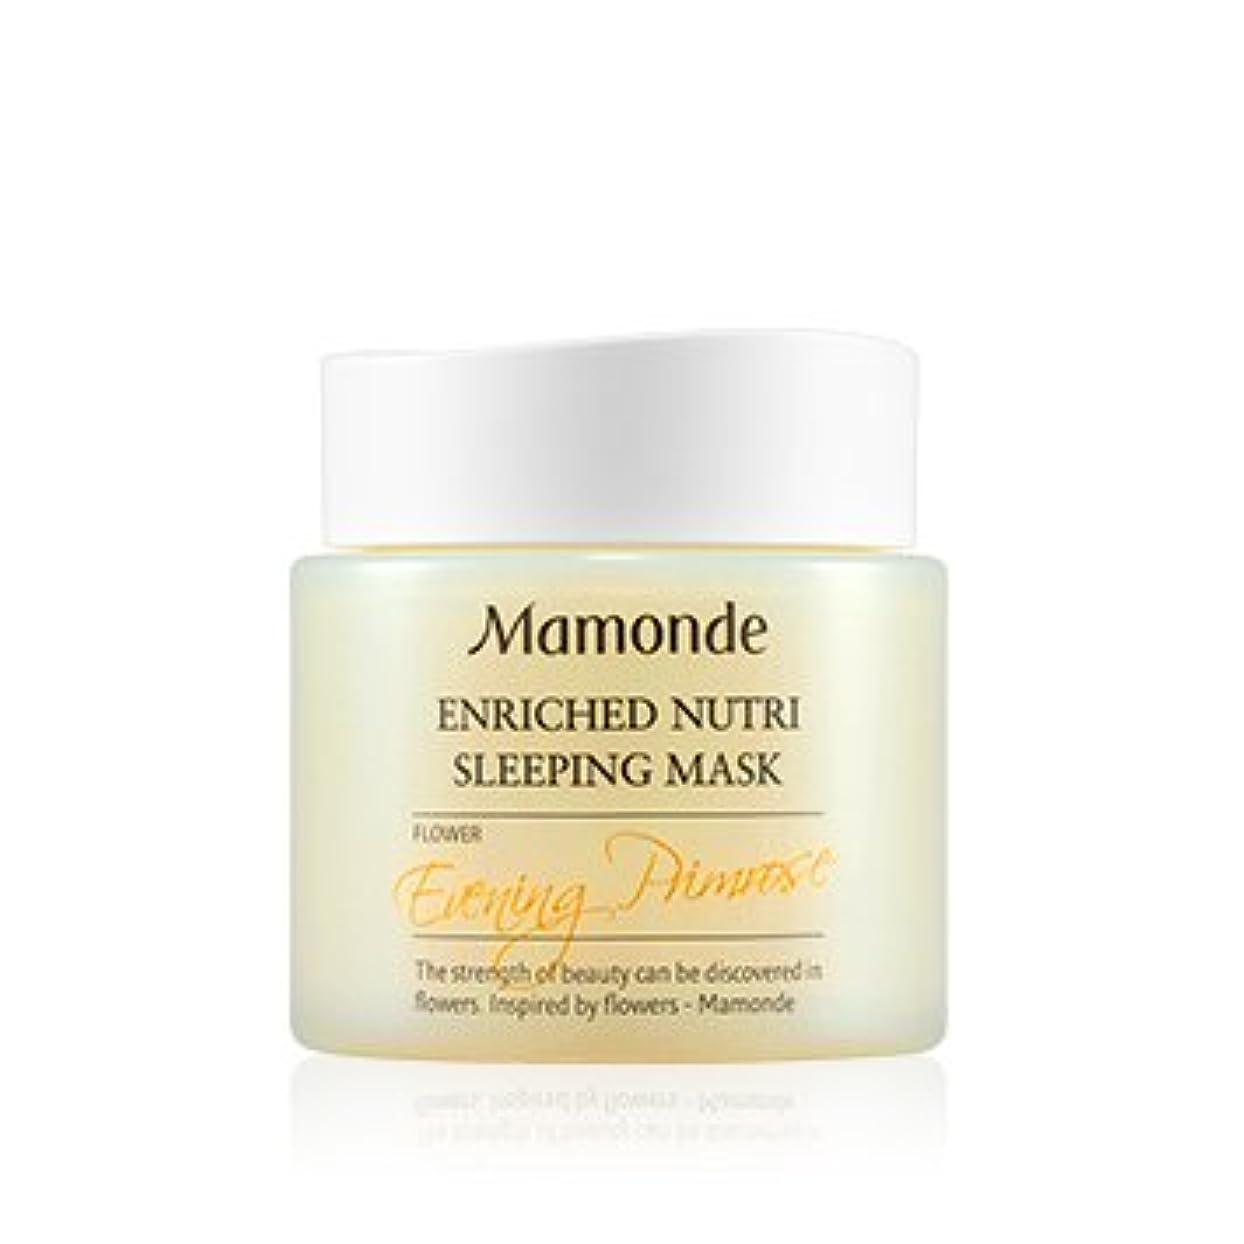 区政策クレデンシャル[New] Mamonde Enriched Nutri Sleeping Mask 100ml/マモンド エンリッチド ニュートリ スリーピング マスク 100ml [並行輸入品]